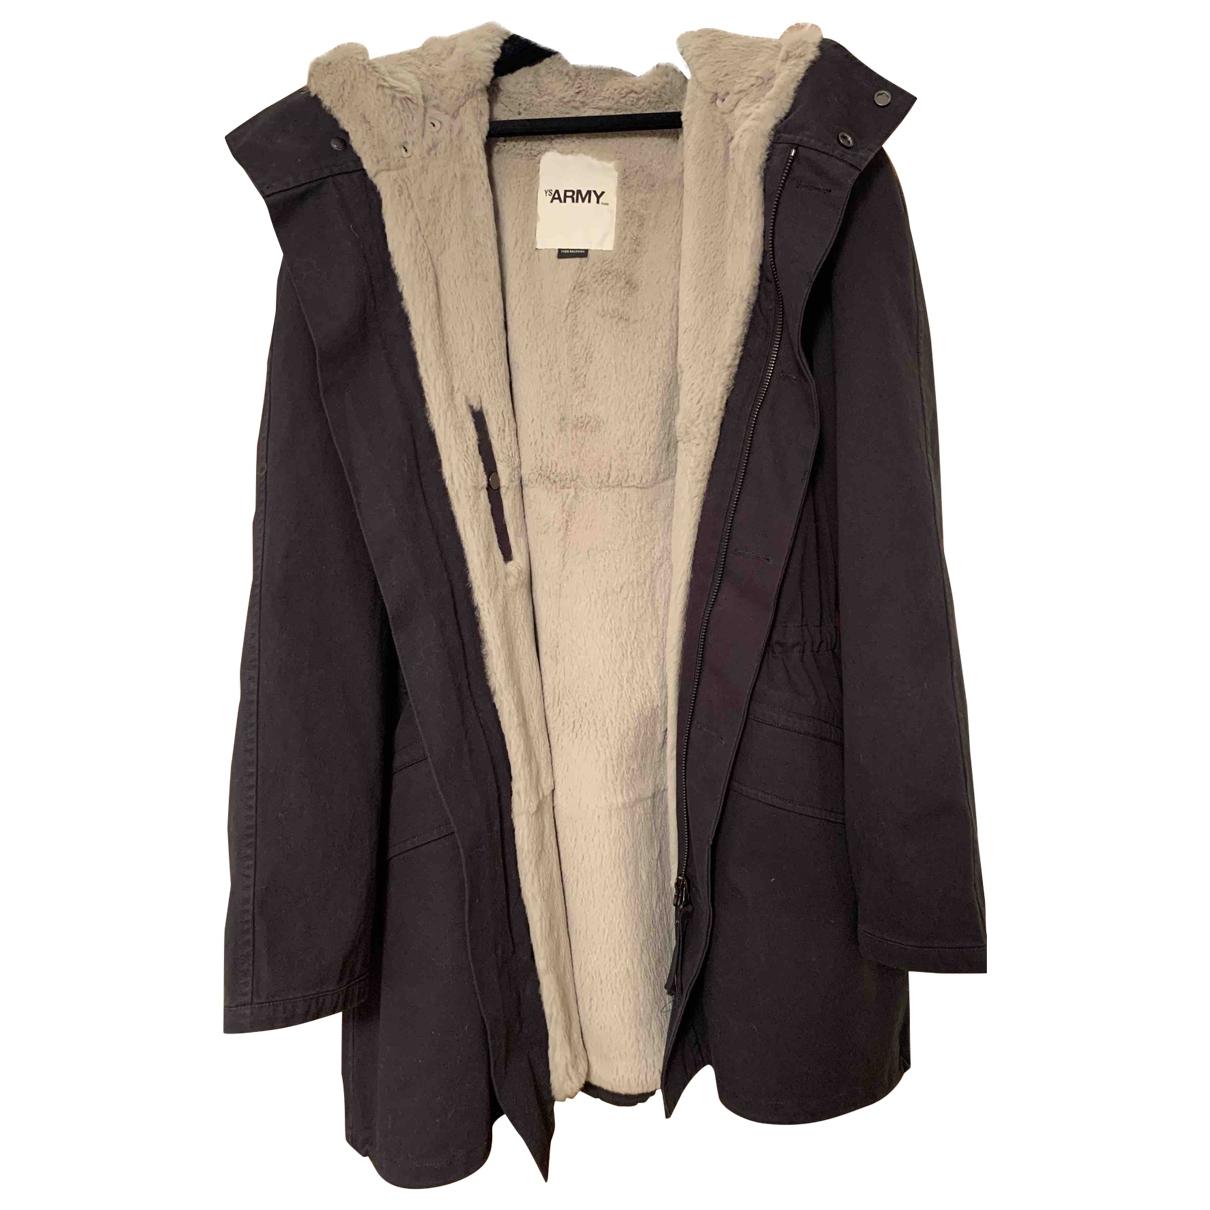 Army - Manteau   pour homme en coton - marine